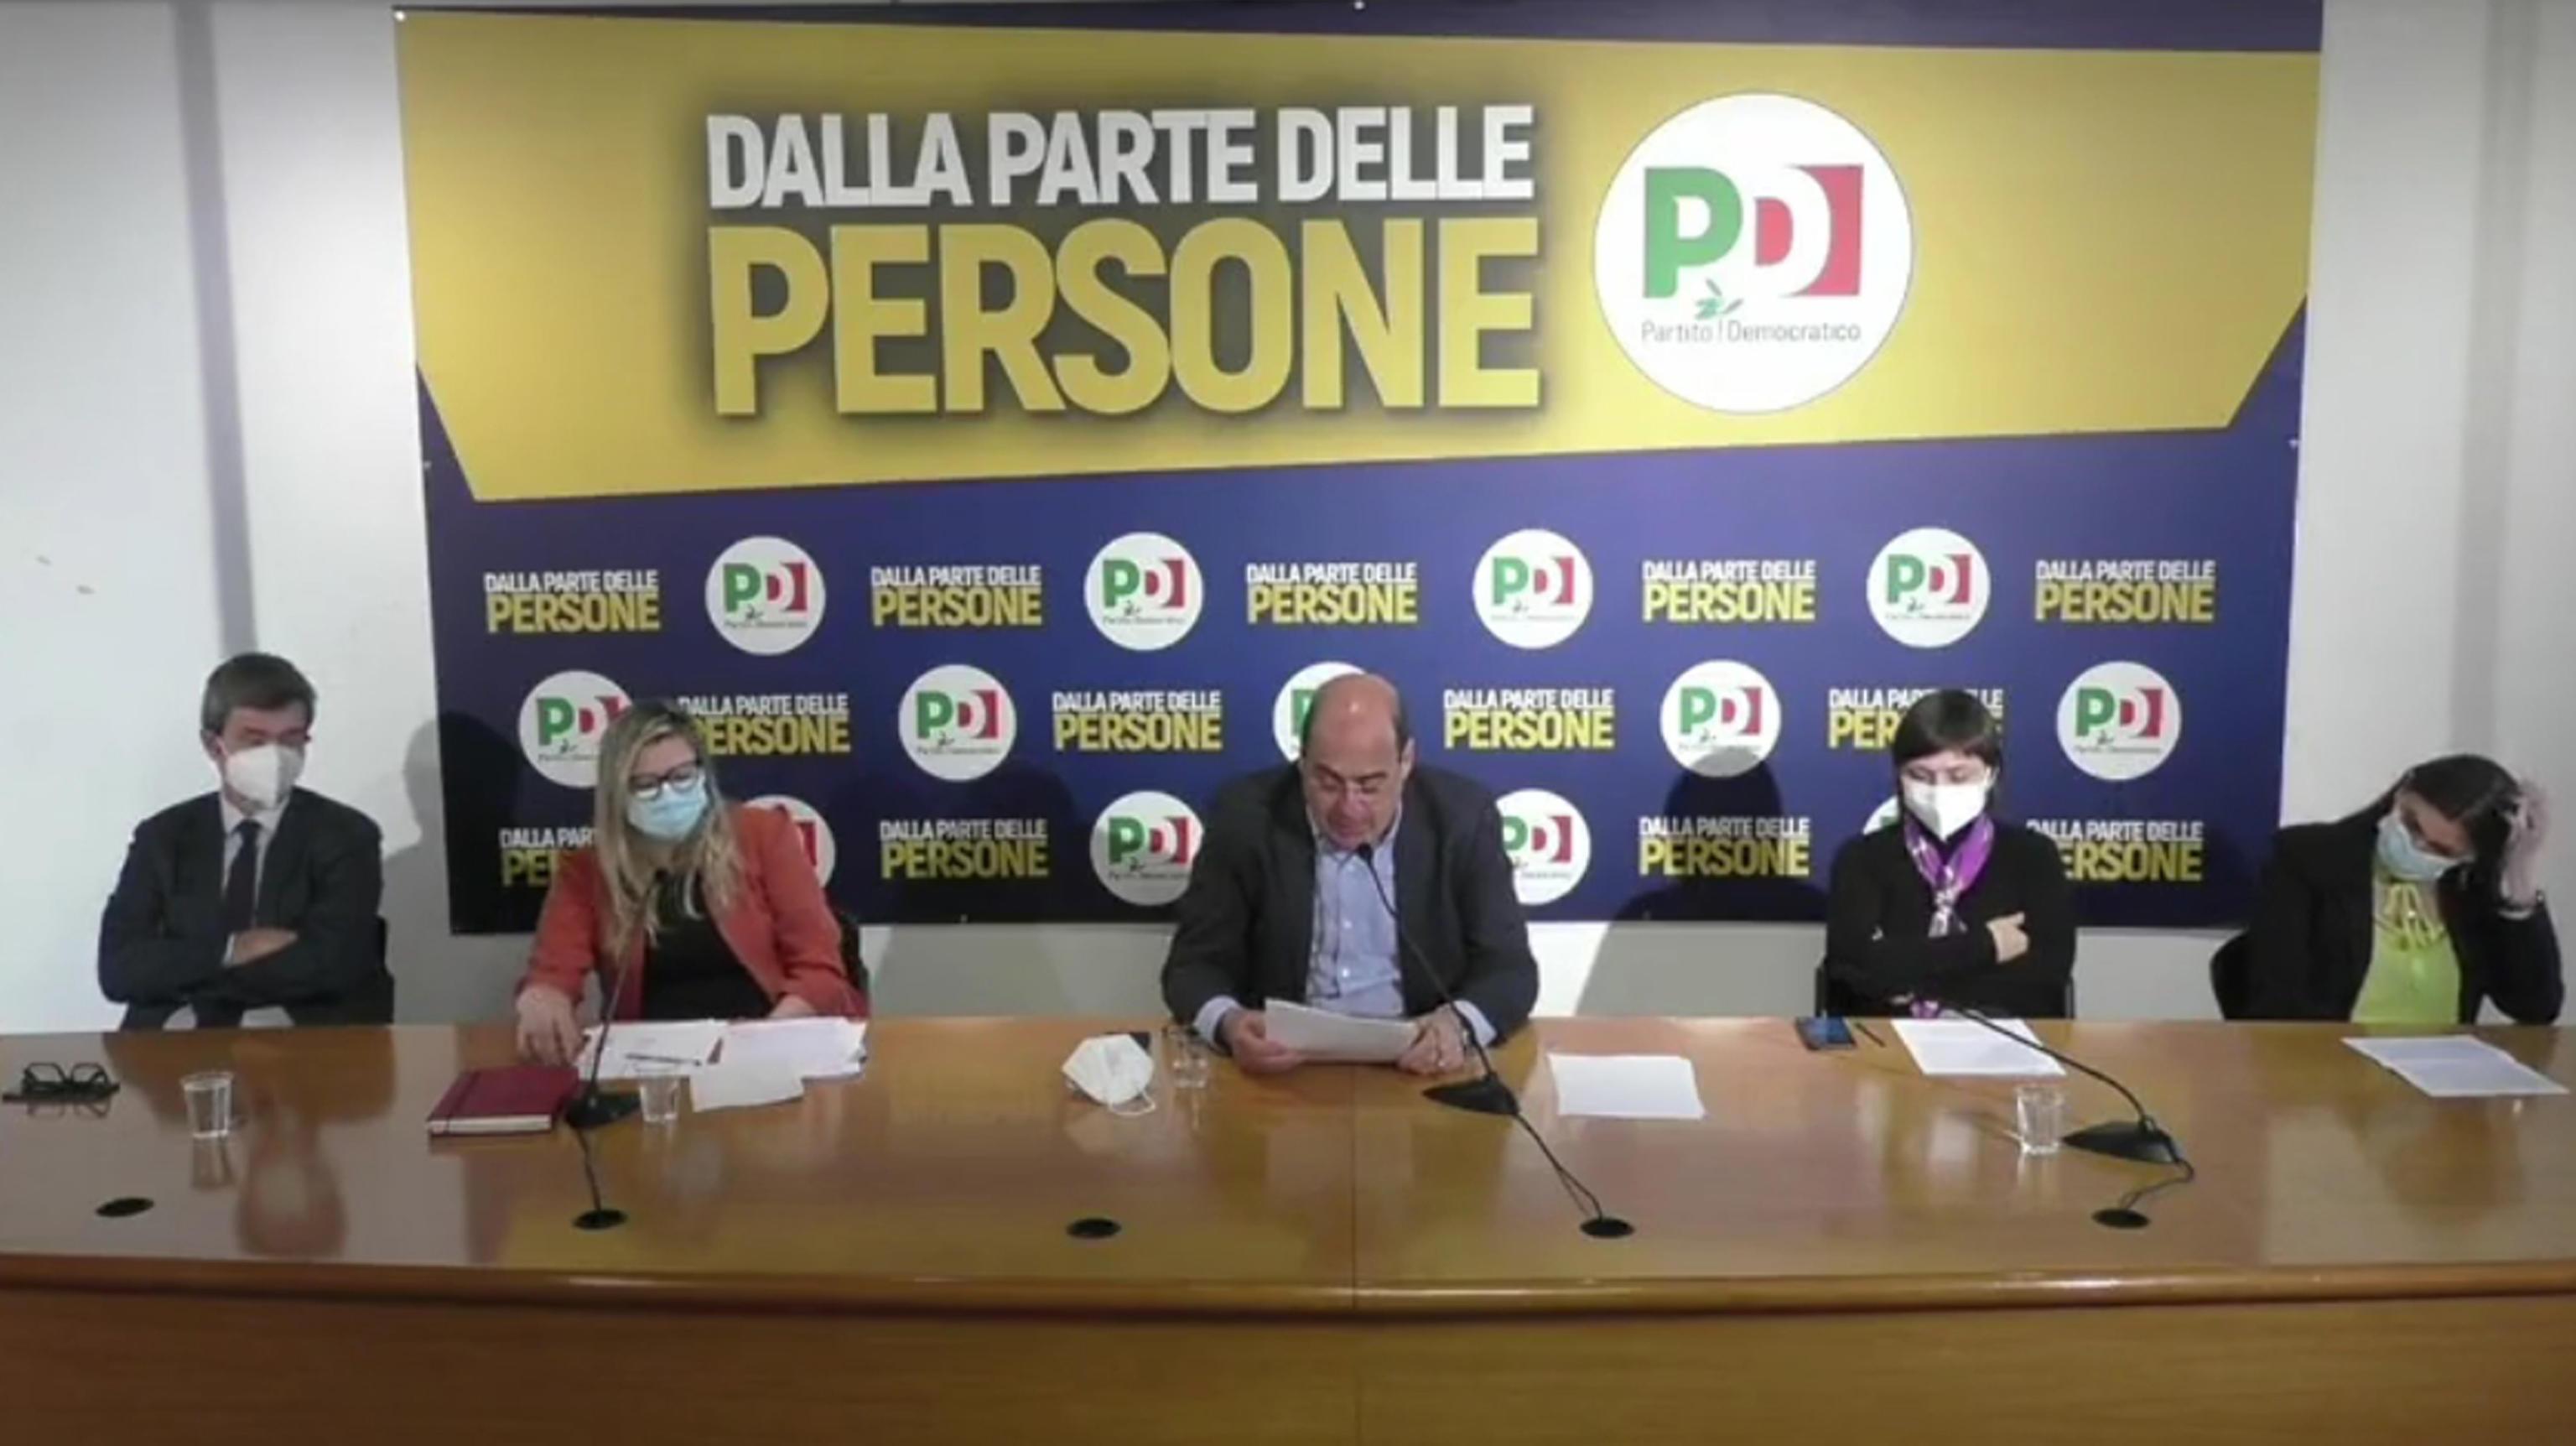 Pd, Zingaretti: «Sulle donne abbiamo sbagliato, ma non siamo all'anno zero. Restiamo uniti per non implodere»